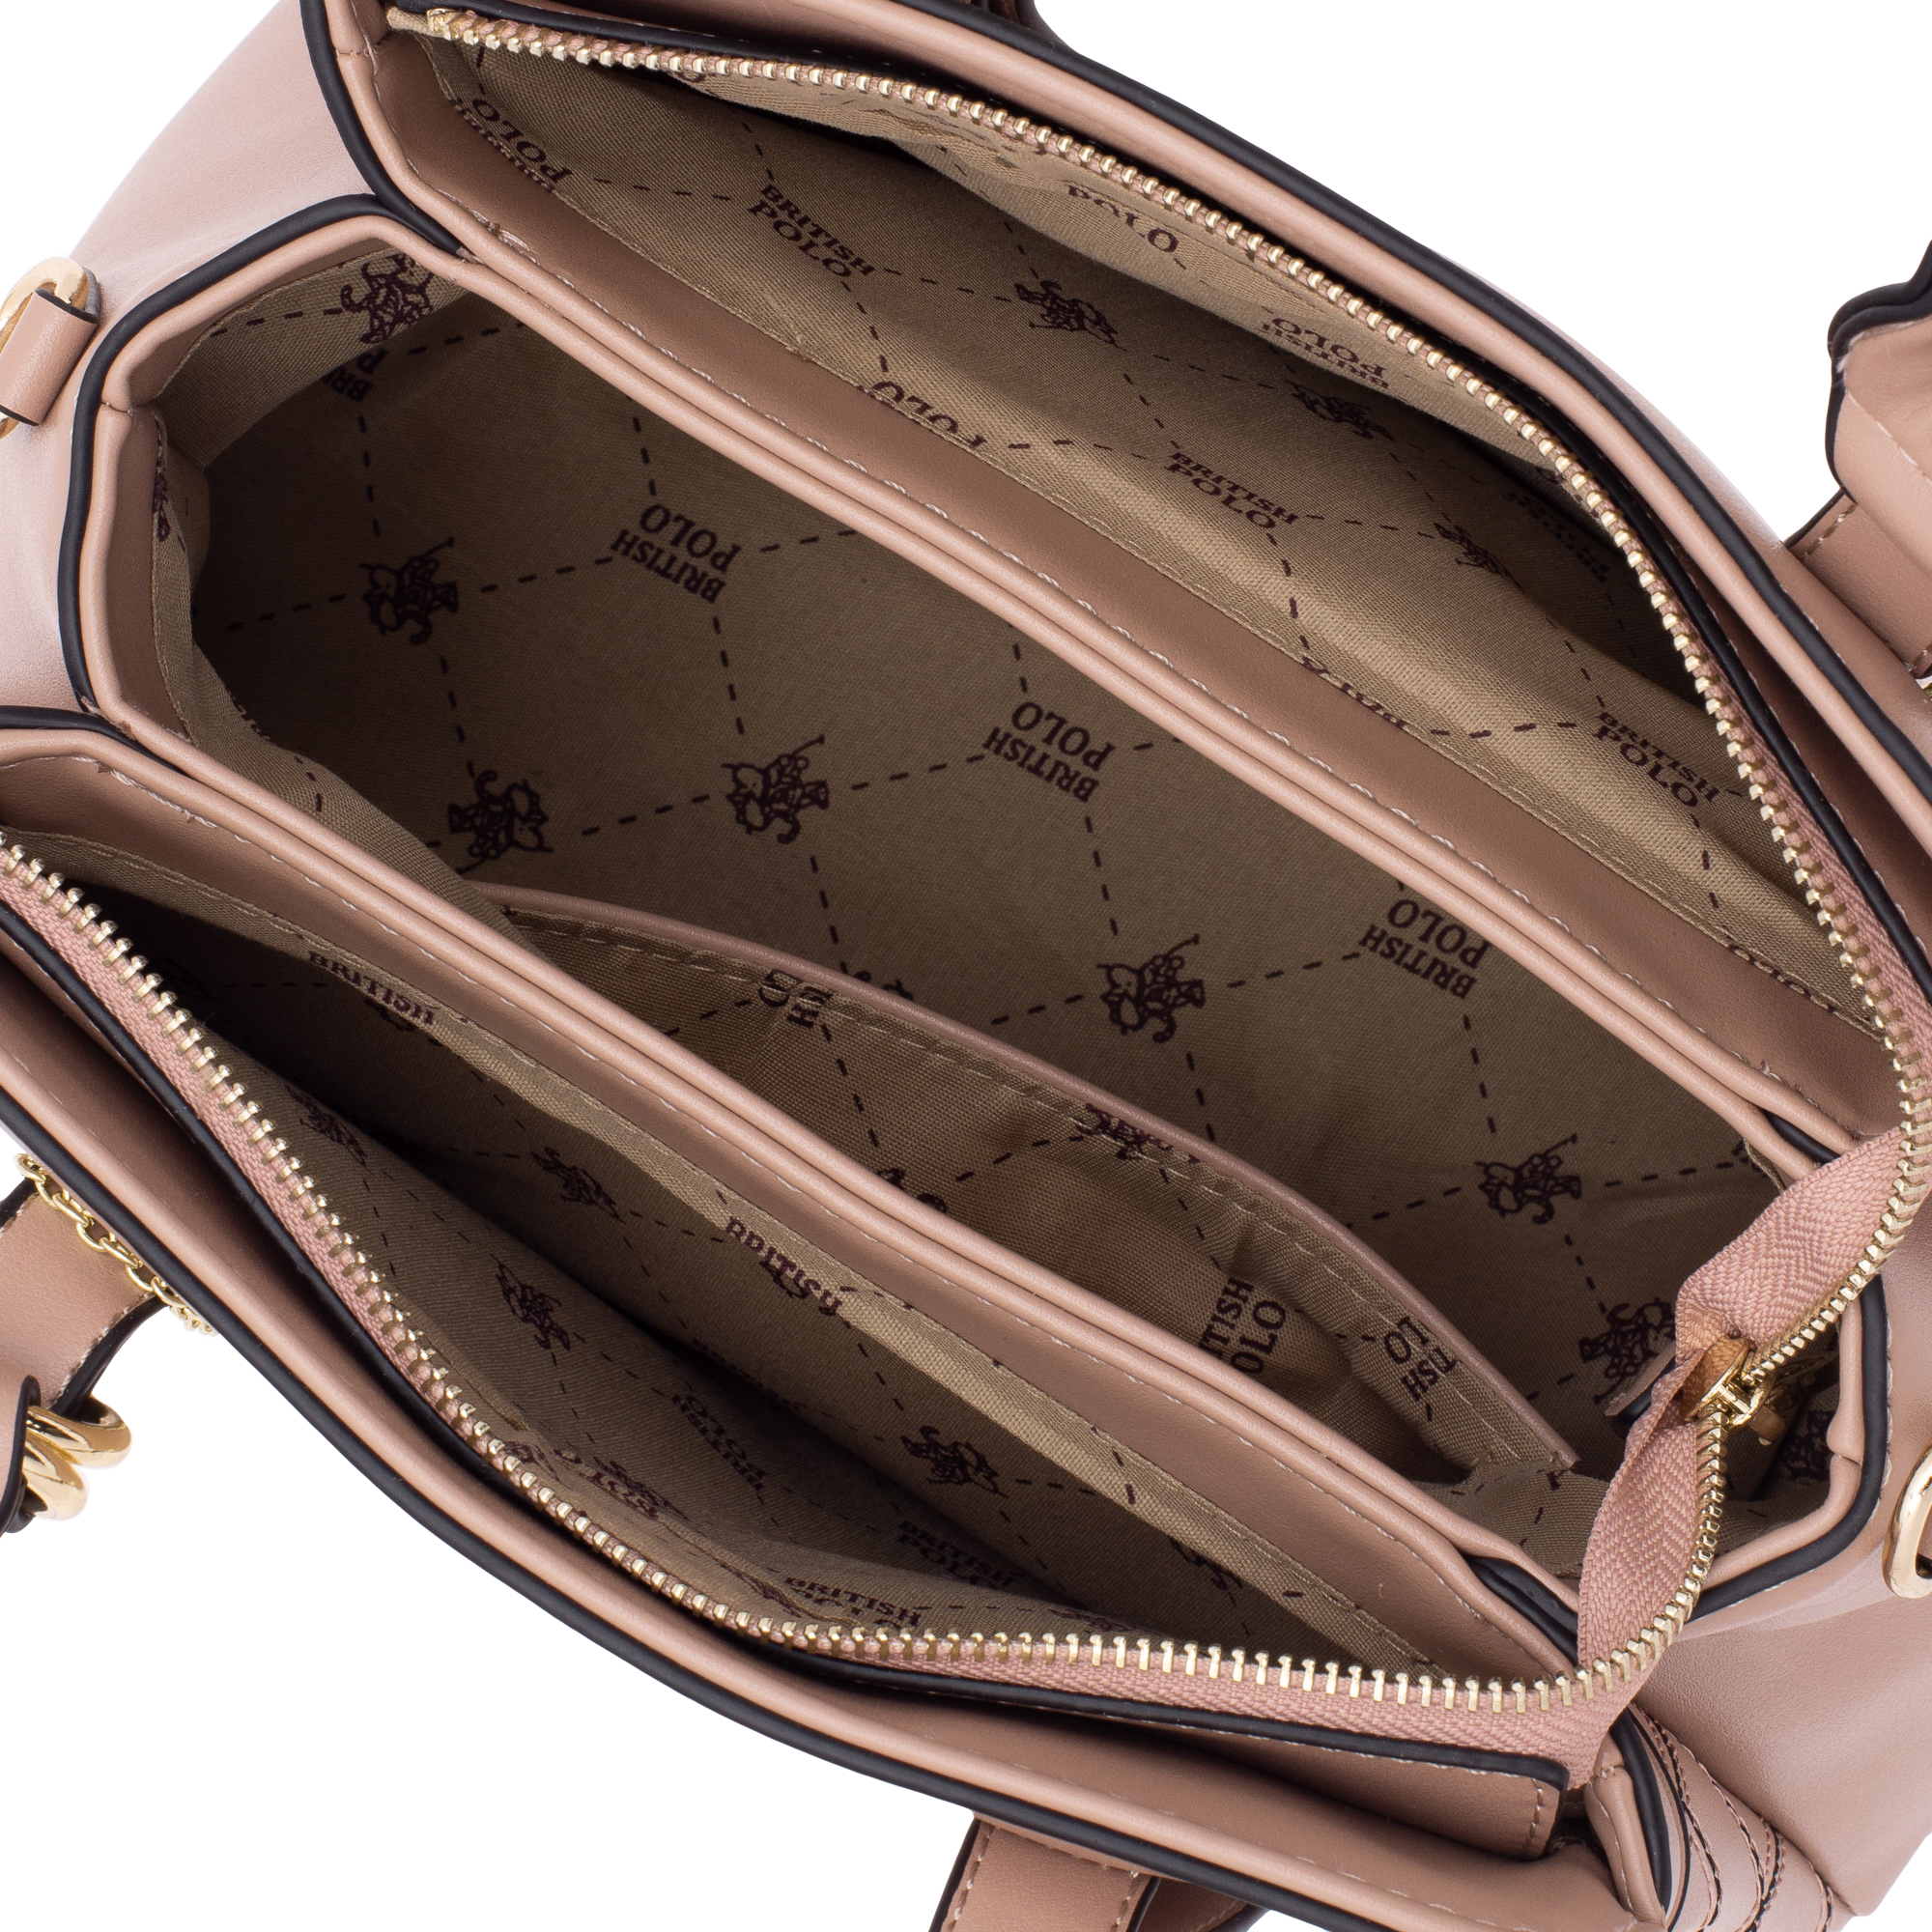 British Polo Classic Plaid Tote & Sling Bag